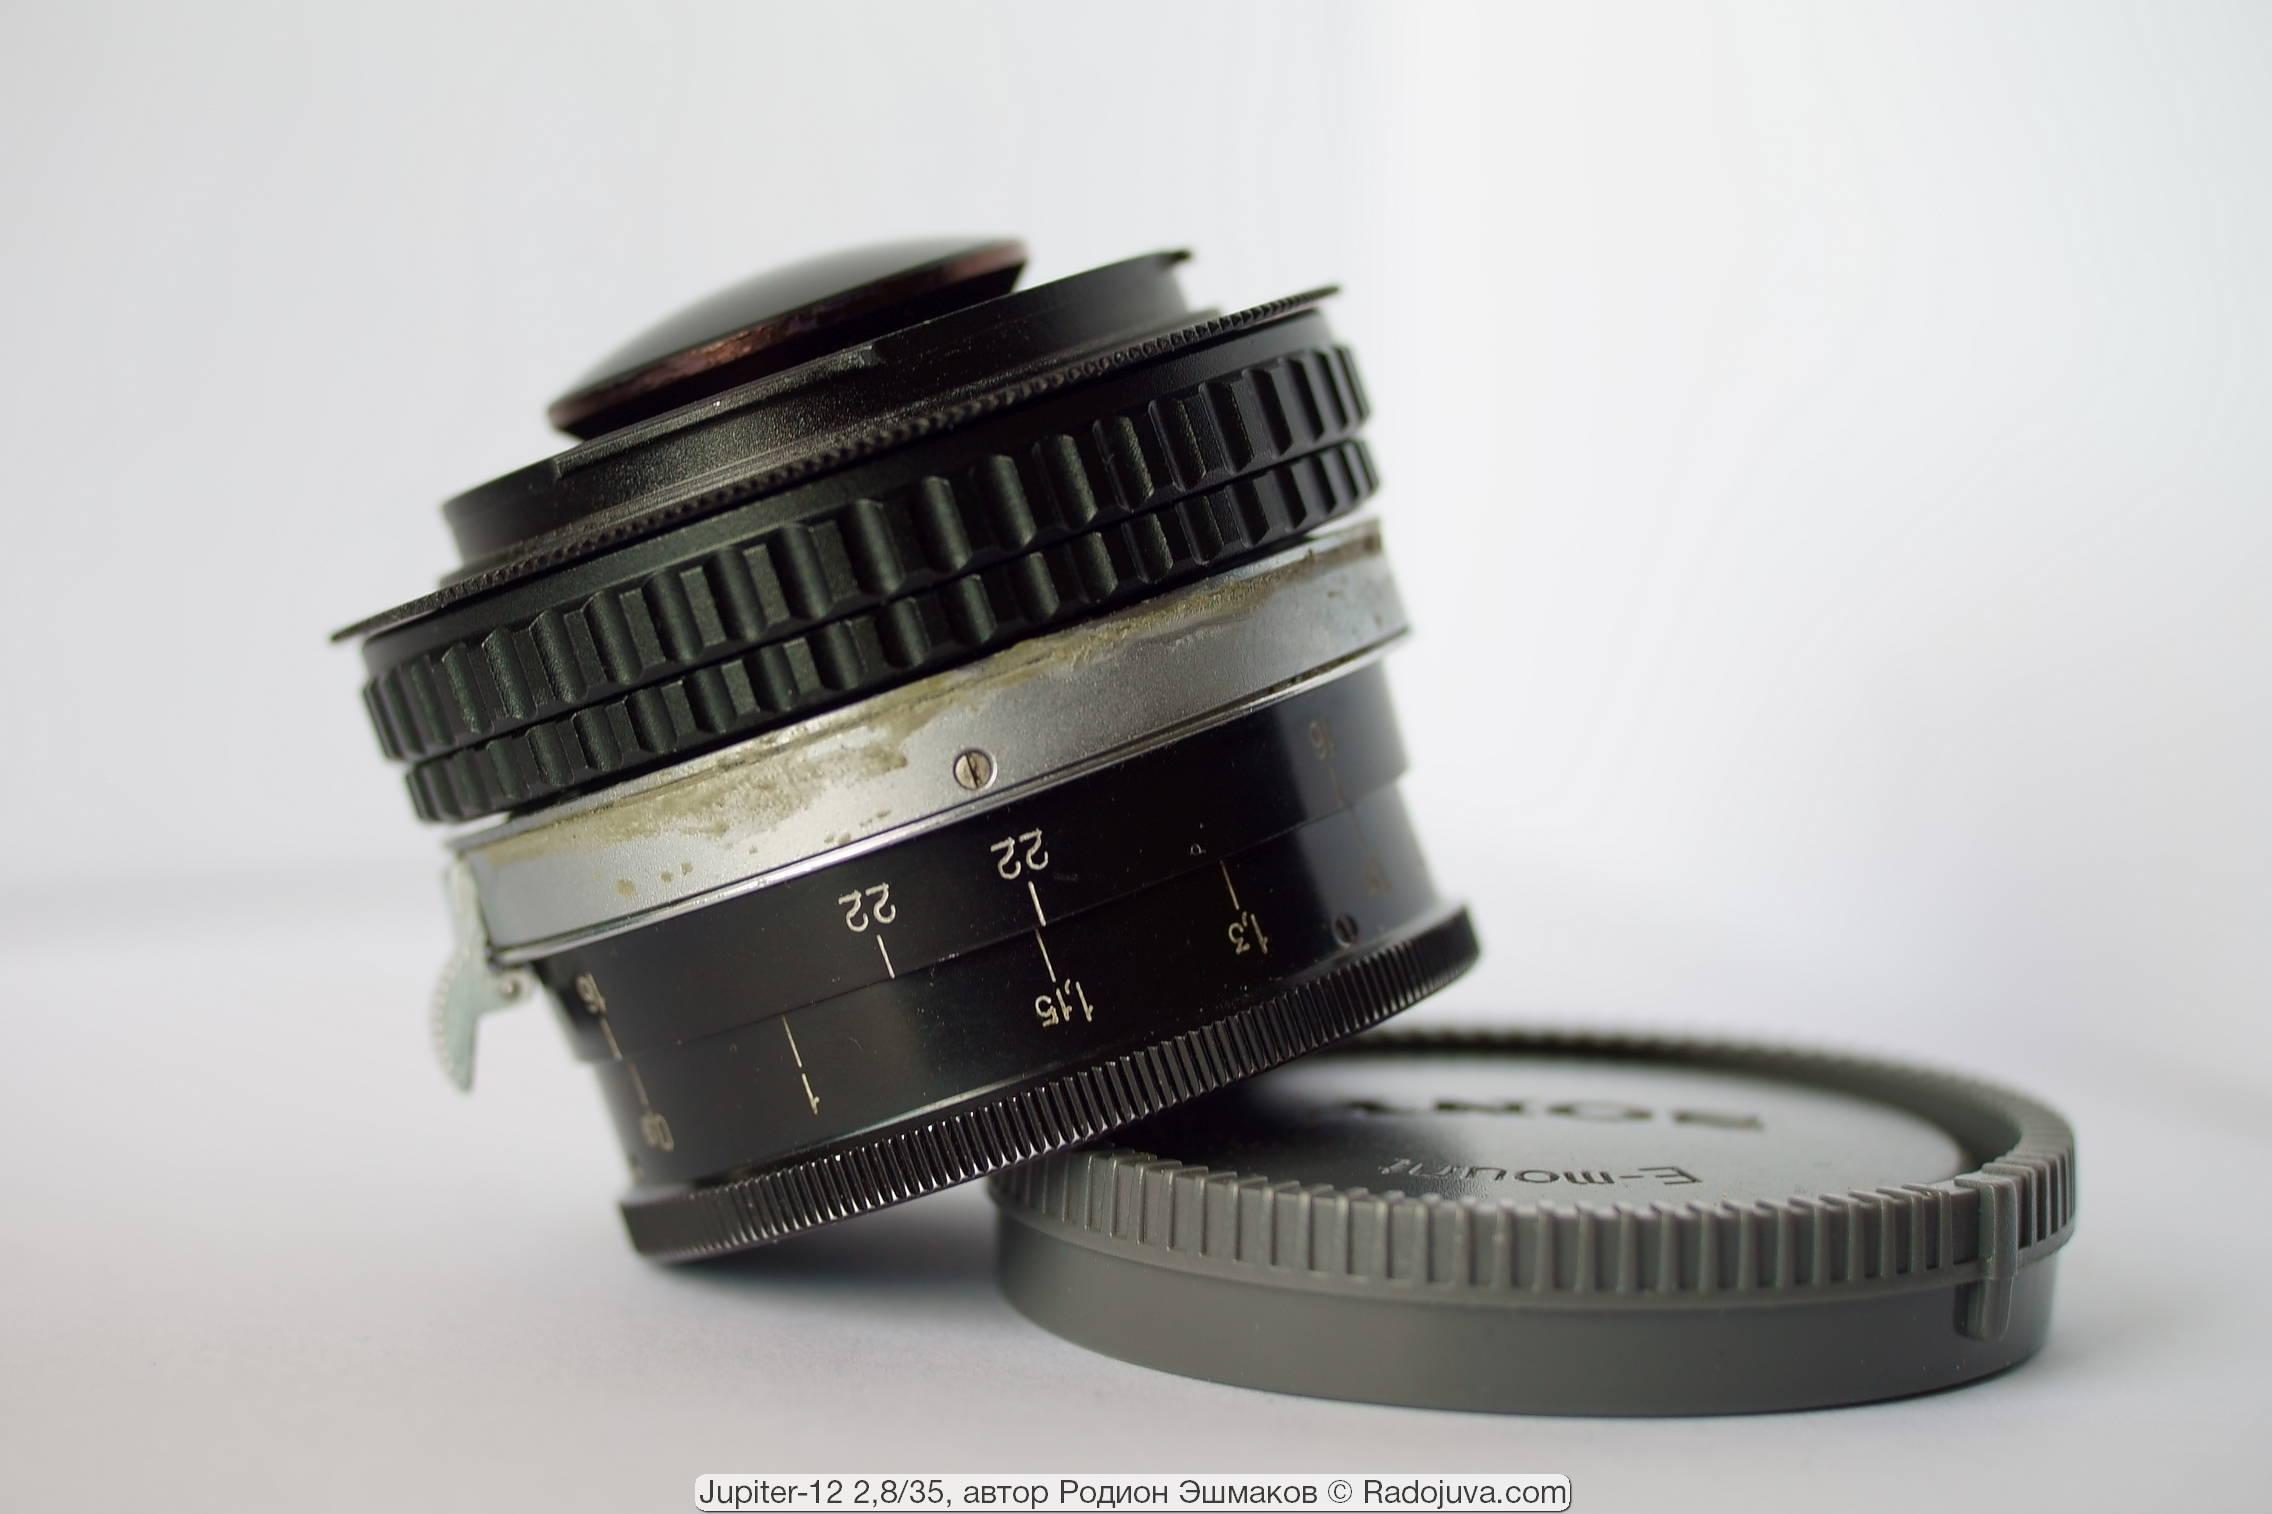 Задняя линза Юпитер-12 выпирает за плоскость байонета Sony E.